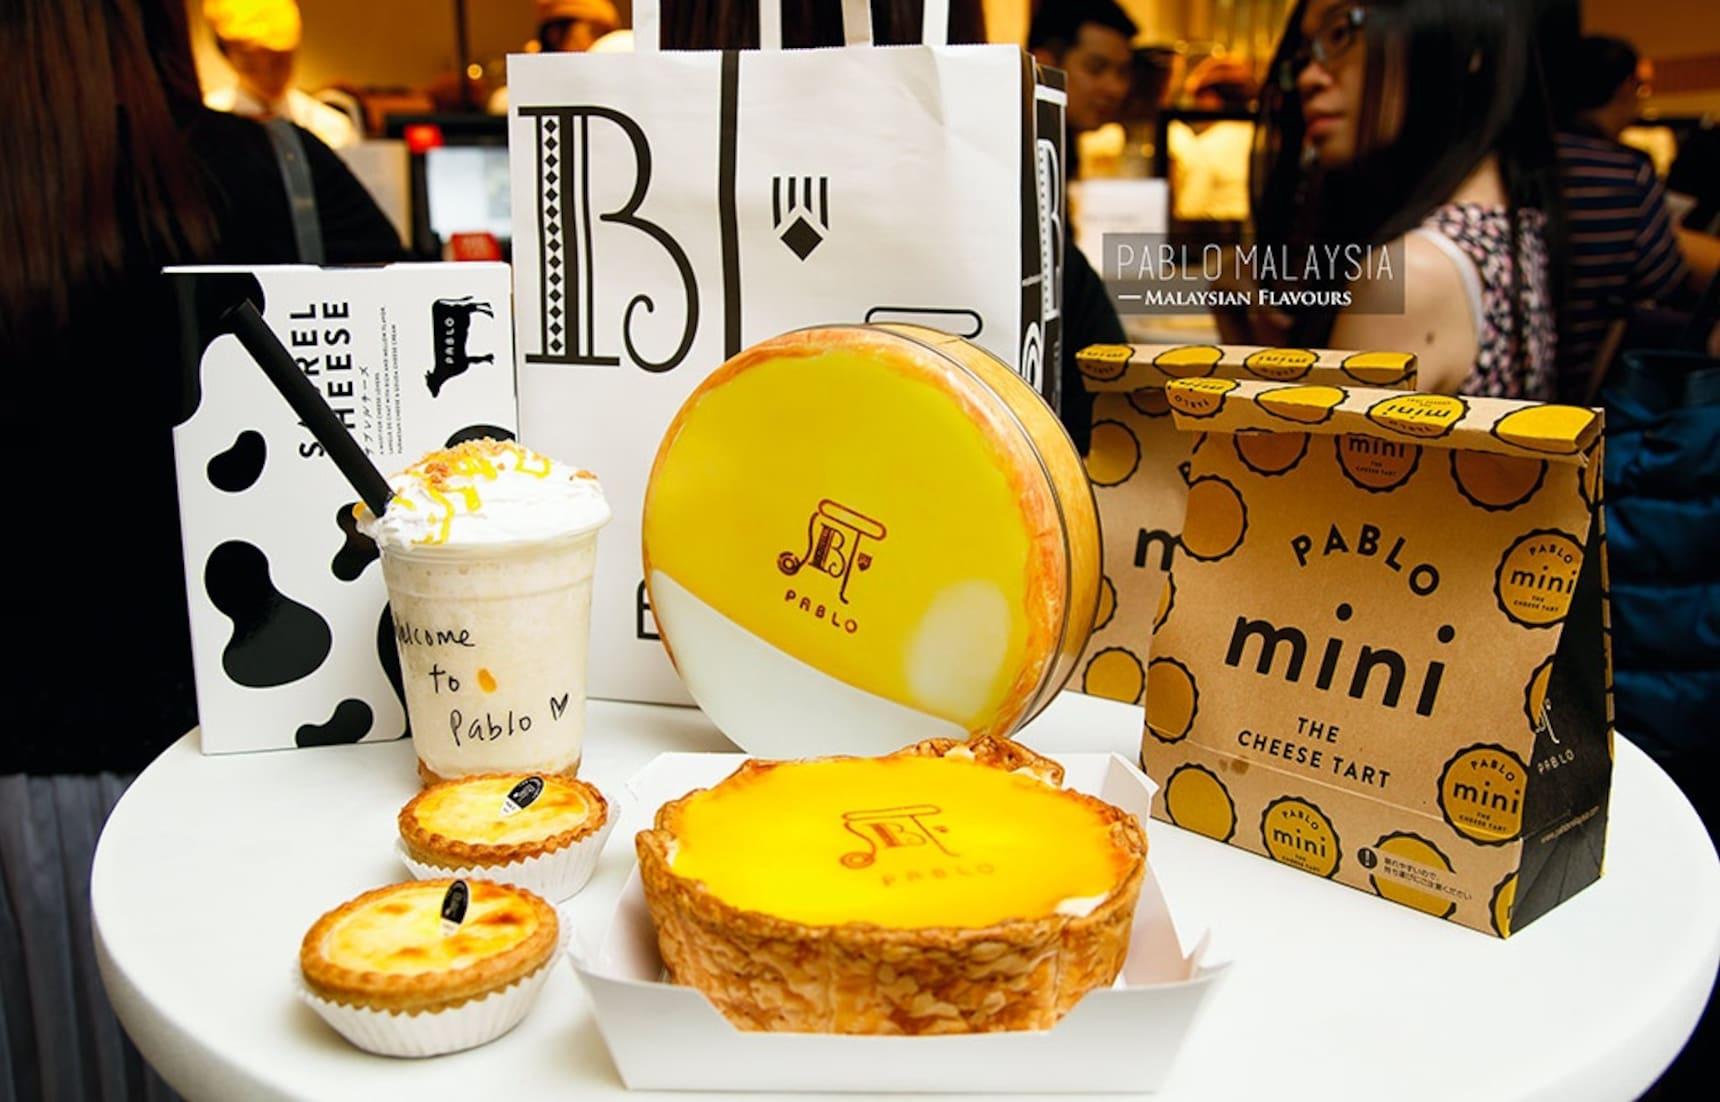 파블로(PABLO): 치즈 매니아를 위한 치즈 타르트 전문점